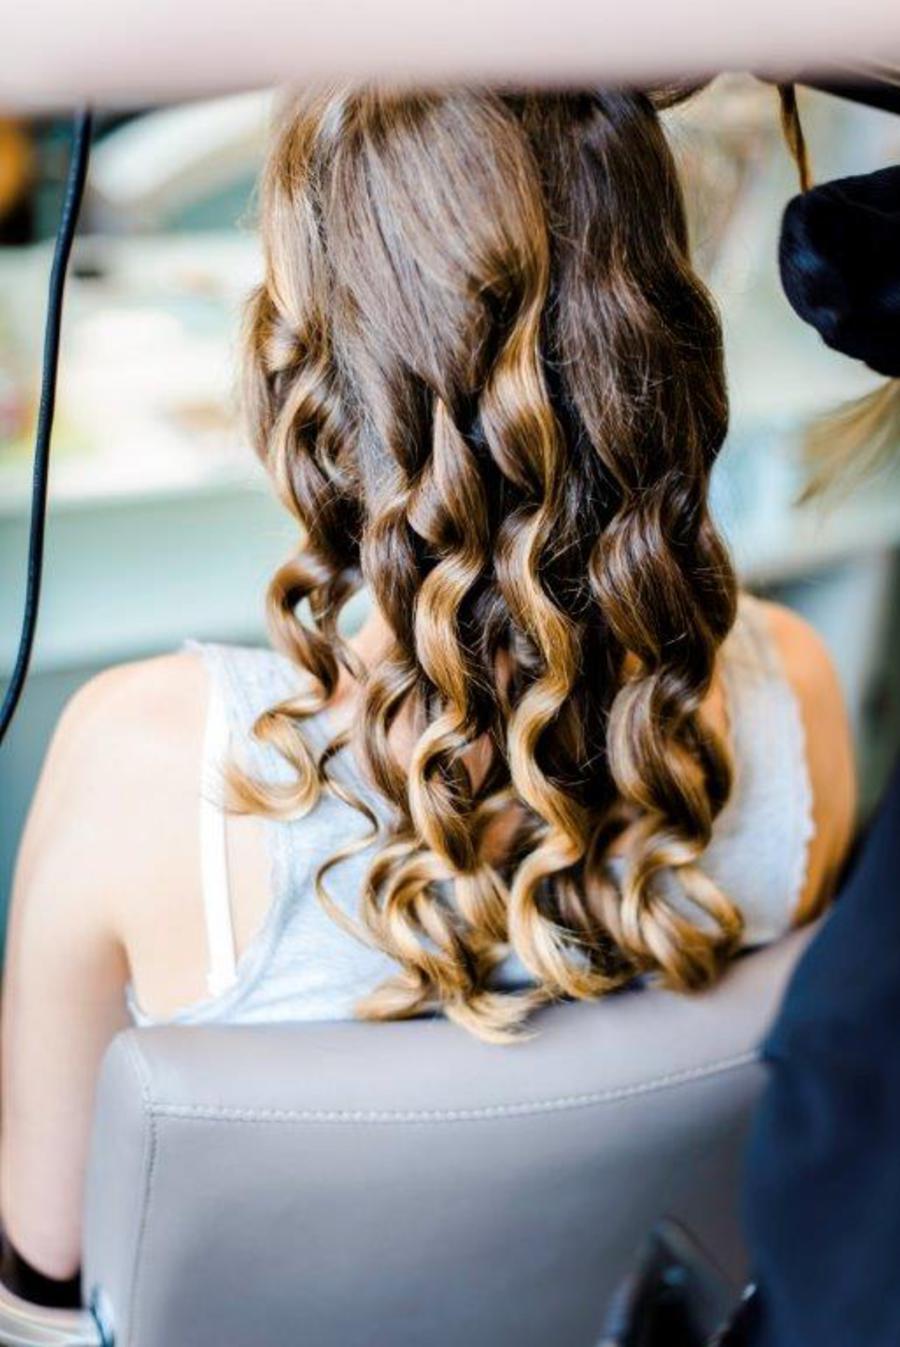 Vorbereitung für die Hochsteck-Frisur. © Herzensmensch Fotografie